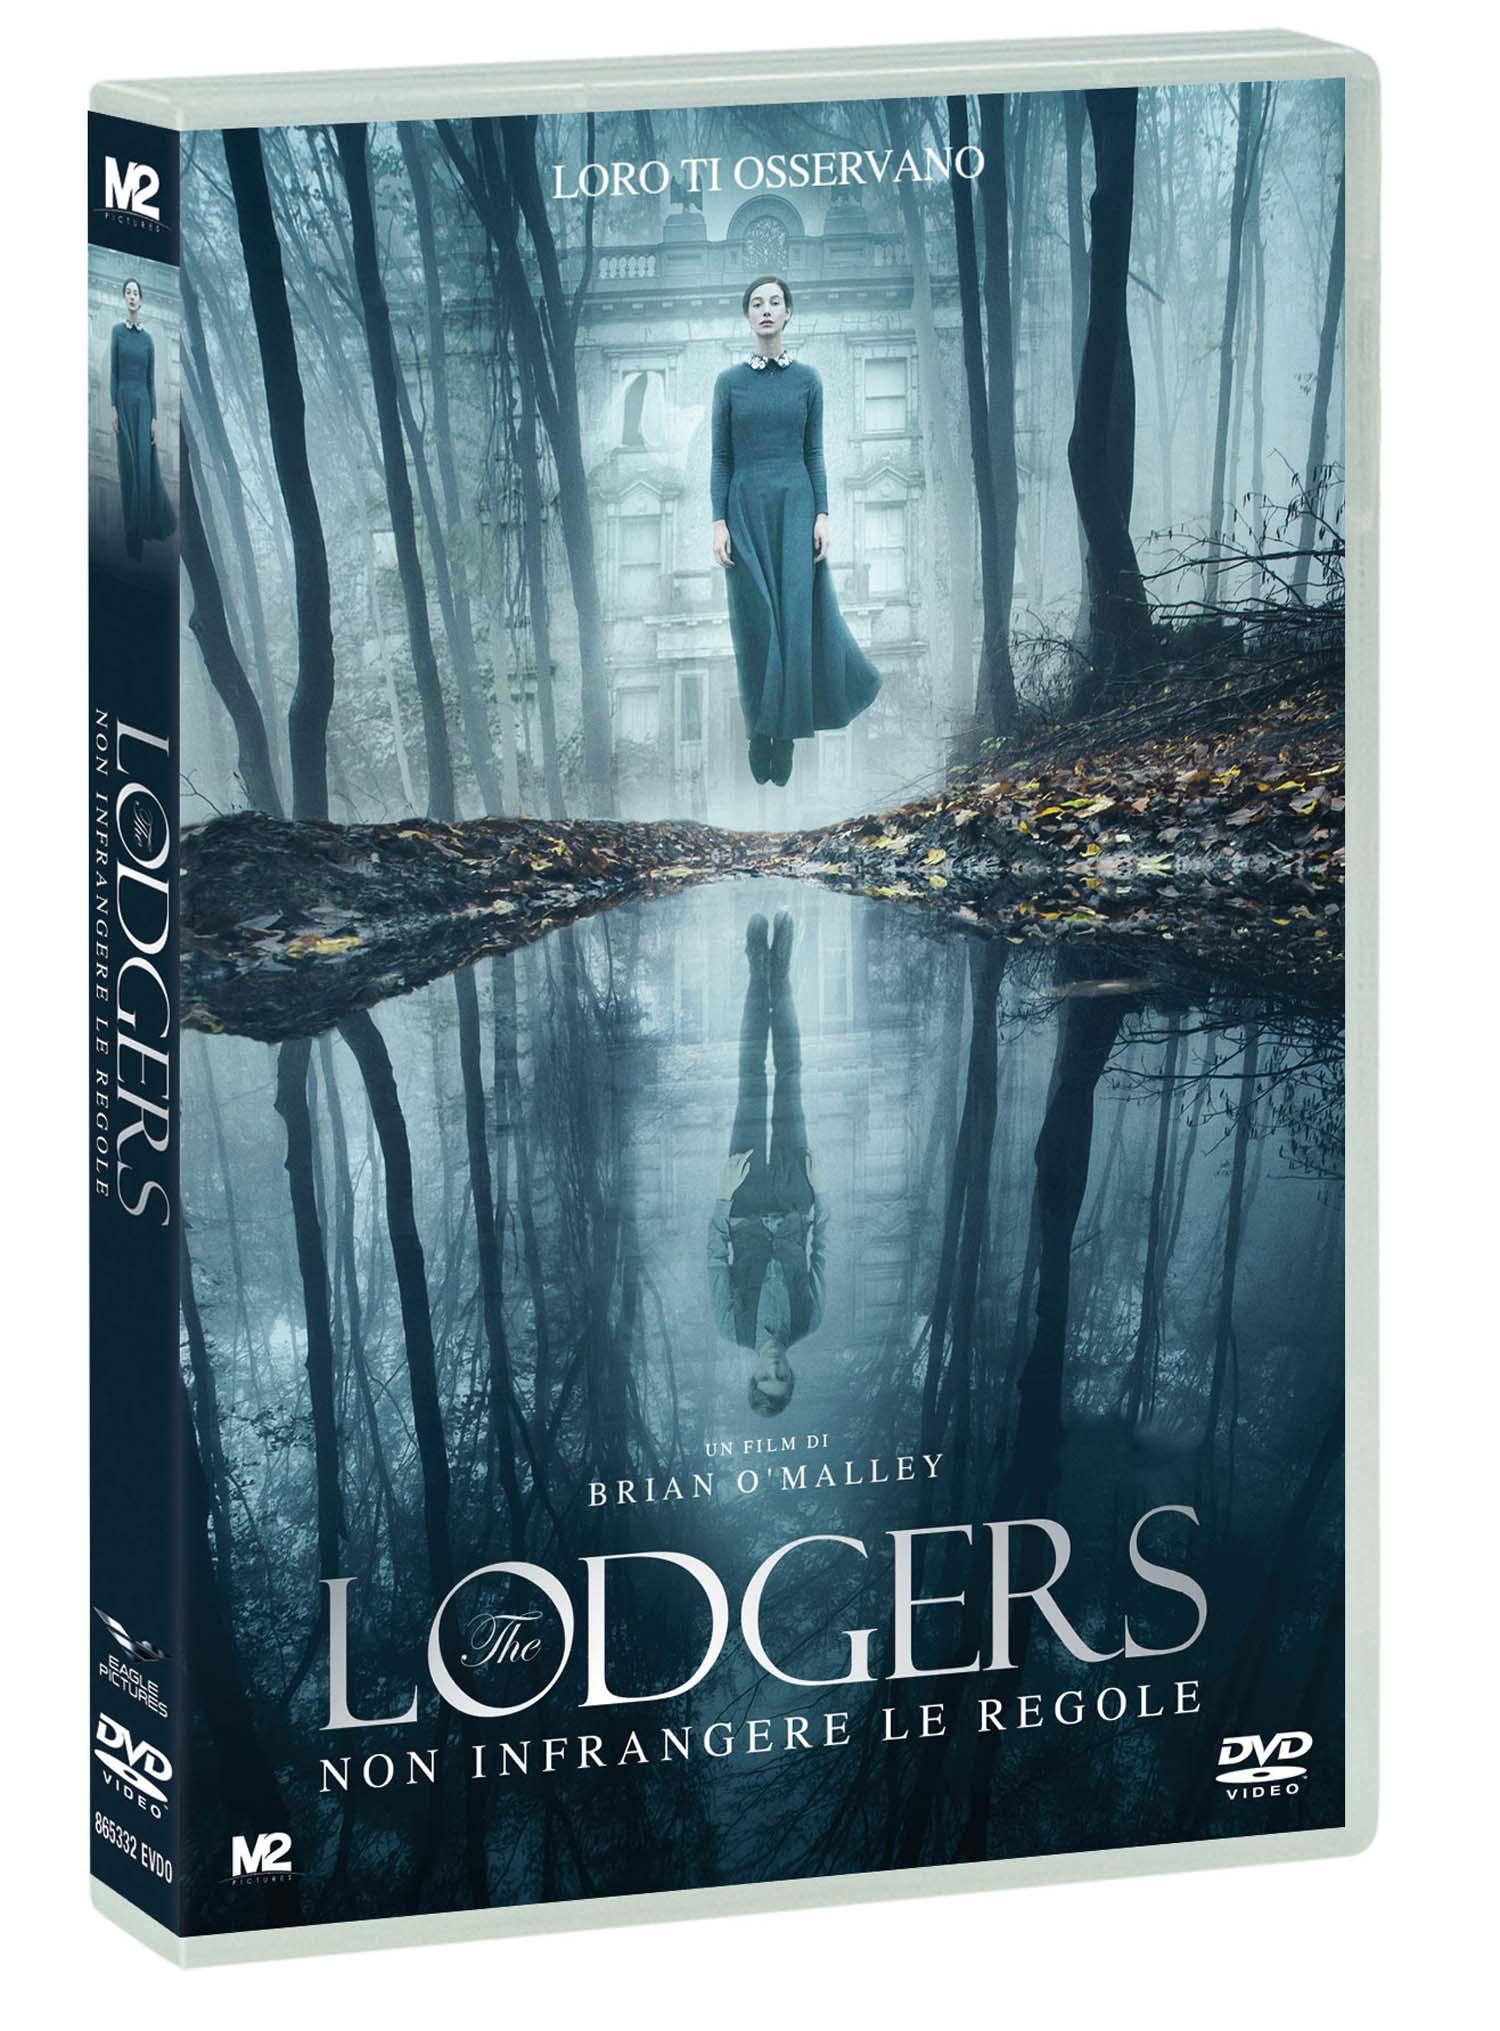 THE LODGERS - NON INFRANGERE LE REGOLE (DVD)